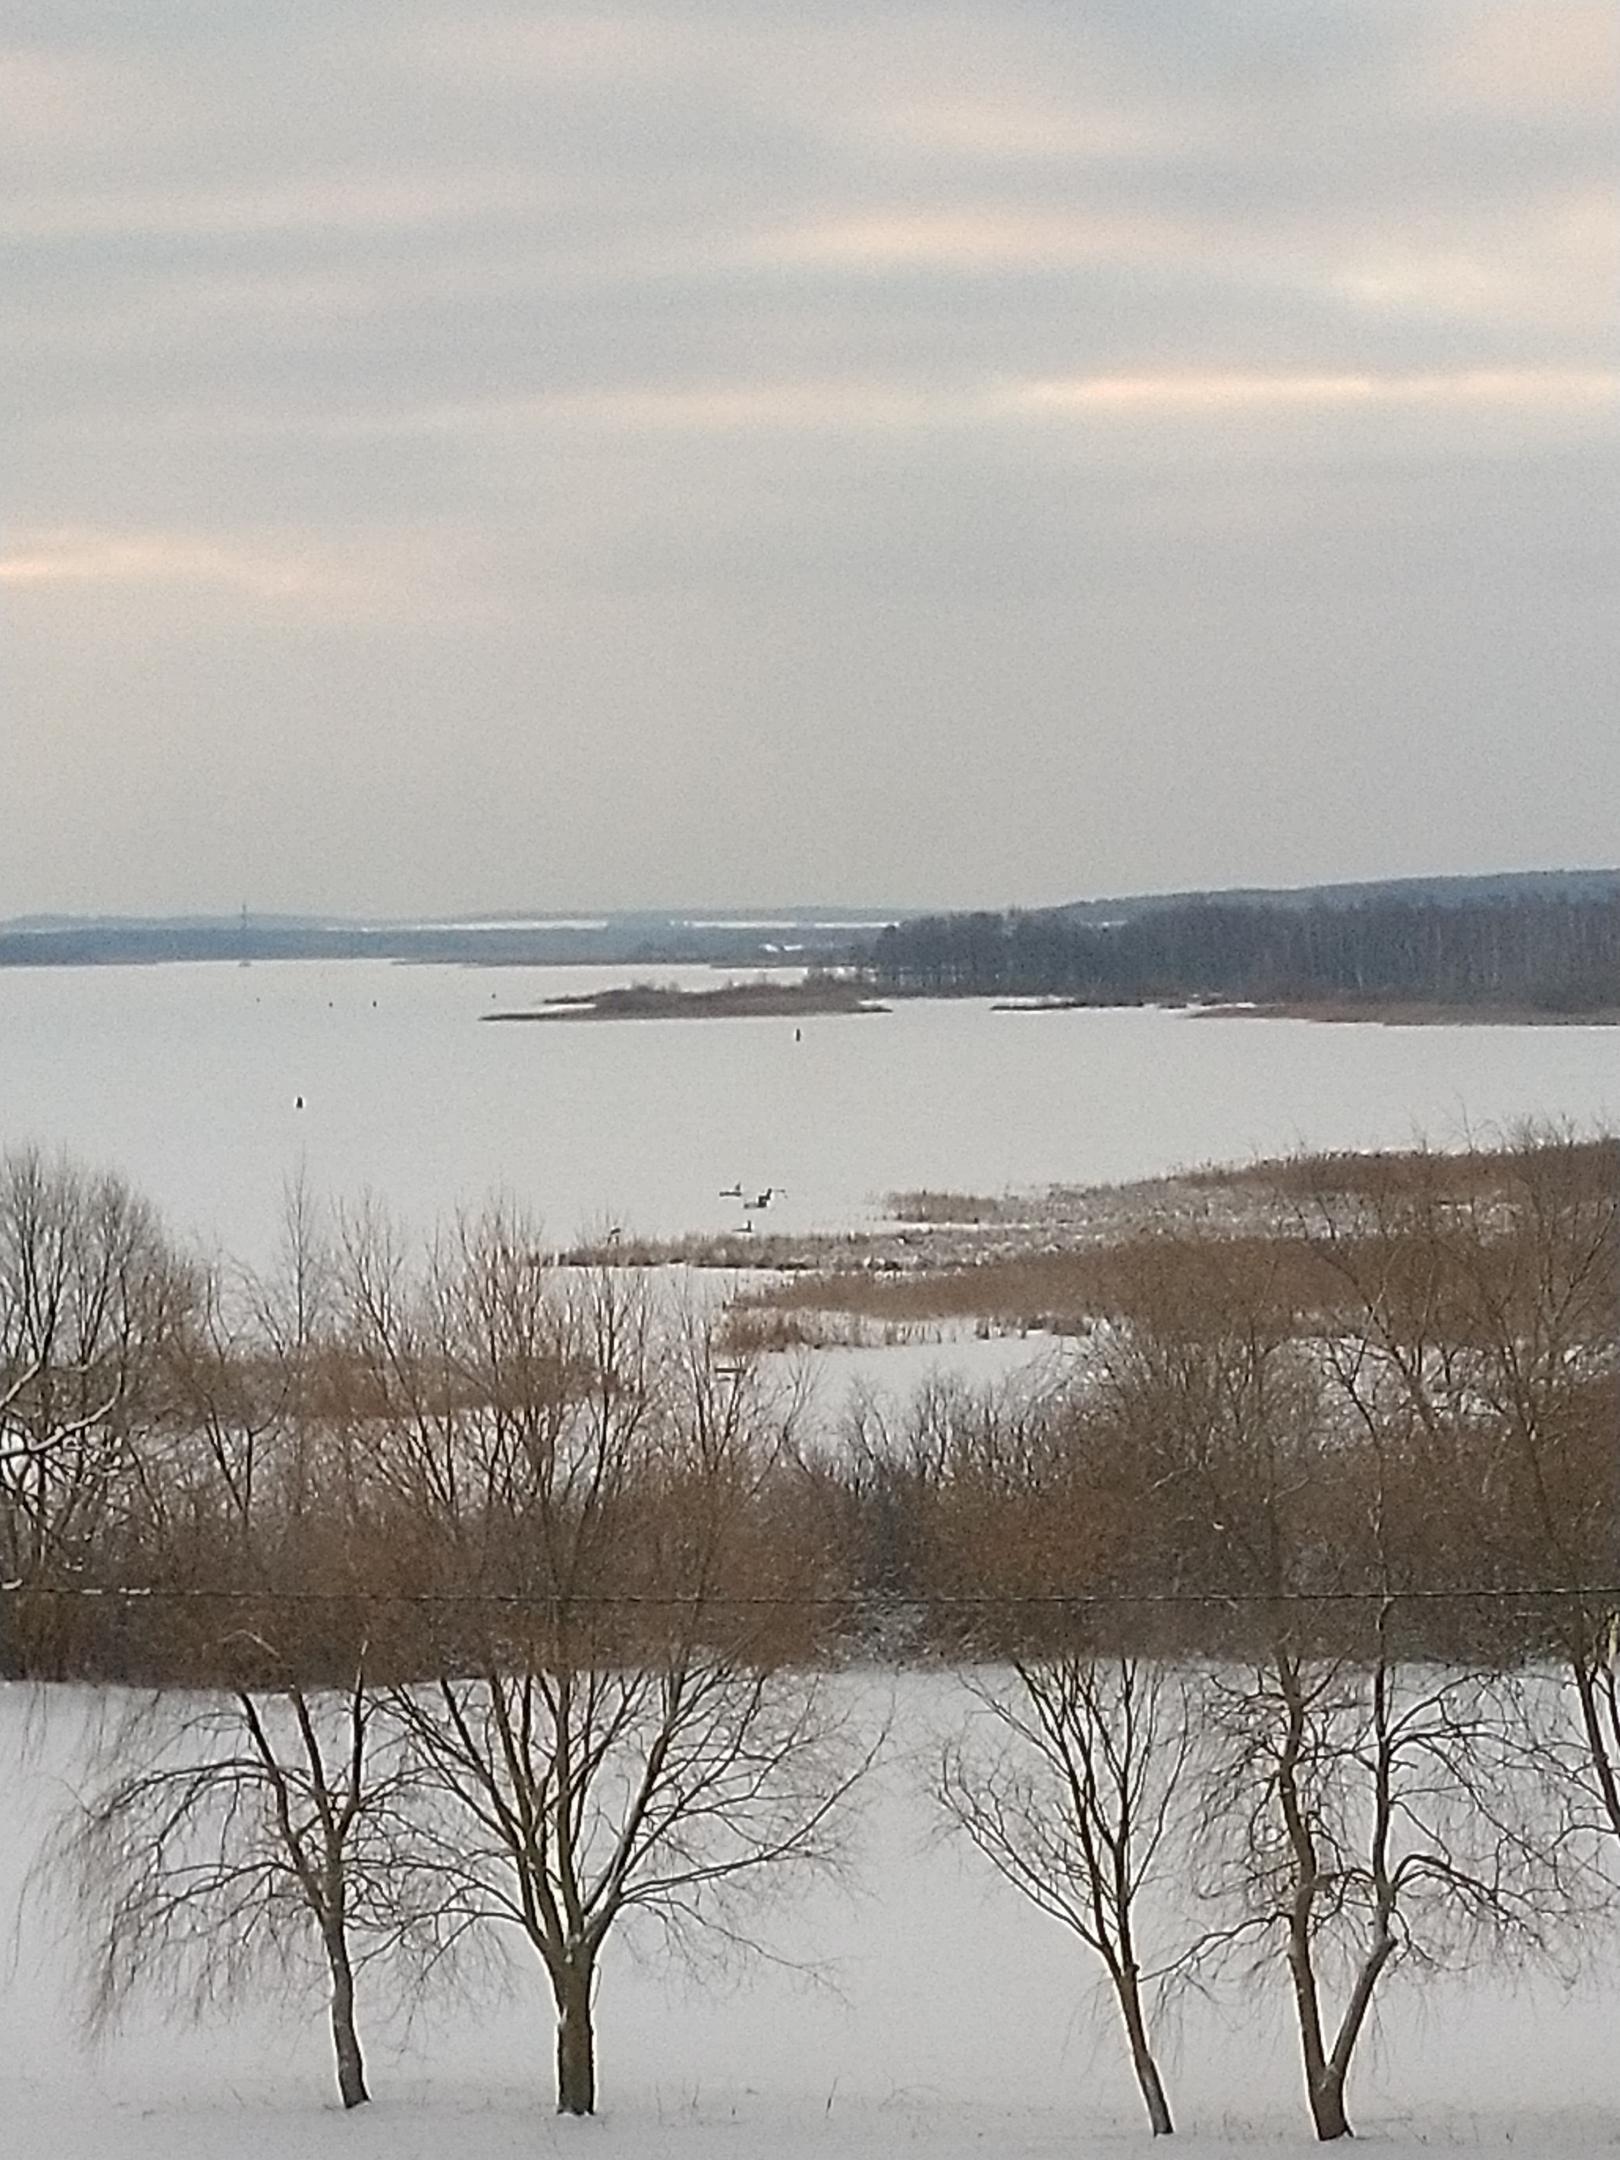 Вот наконец и добрались до Зельвы. Давно мечтал ...   Отчеты о рыбалке в Беларуси